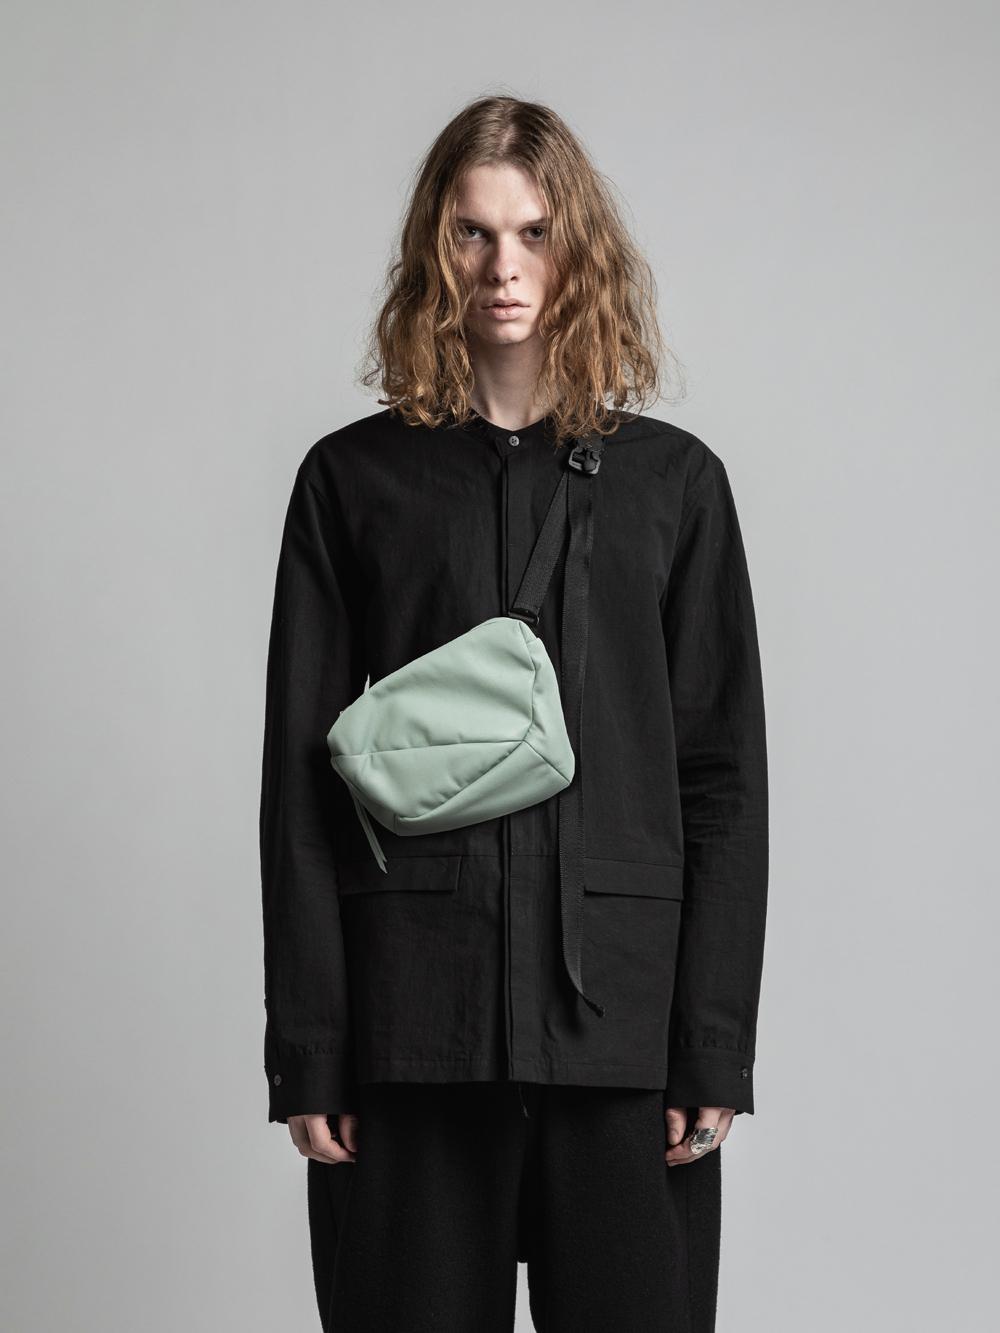 VI-3292-09 / 直営店別注カラー 中綿ラムレザーミニショルダーバッグ